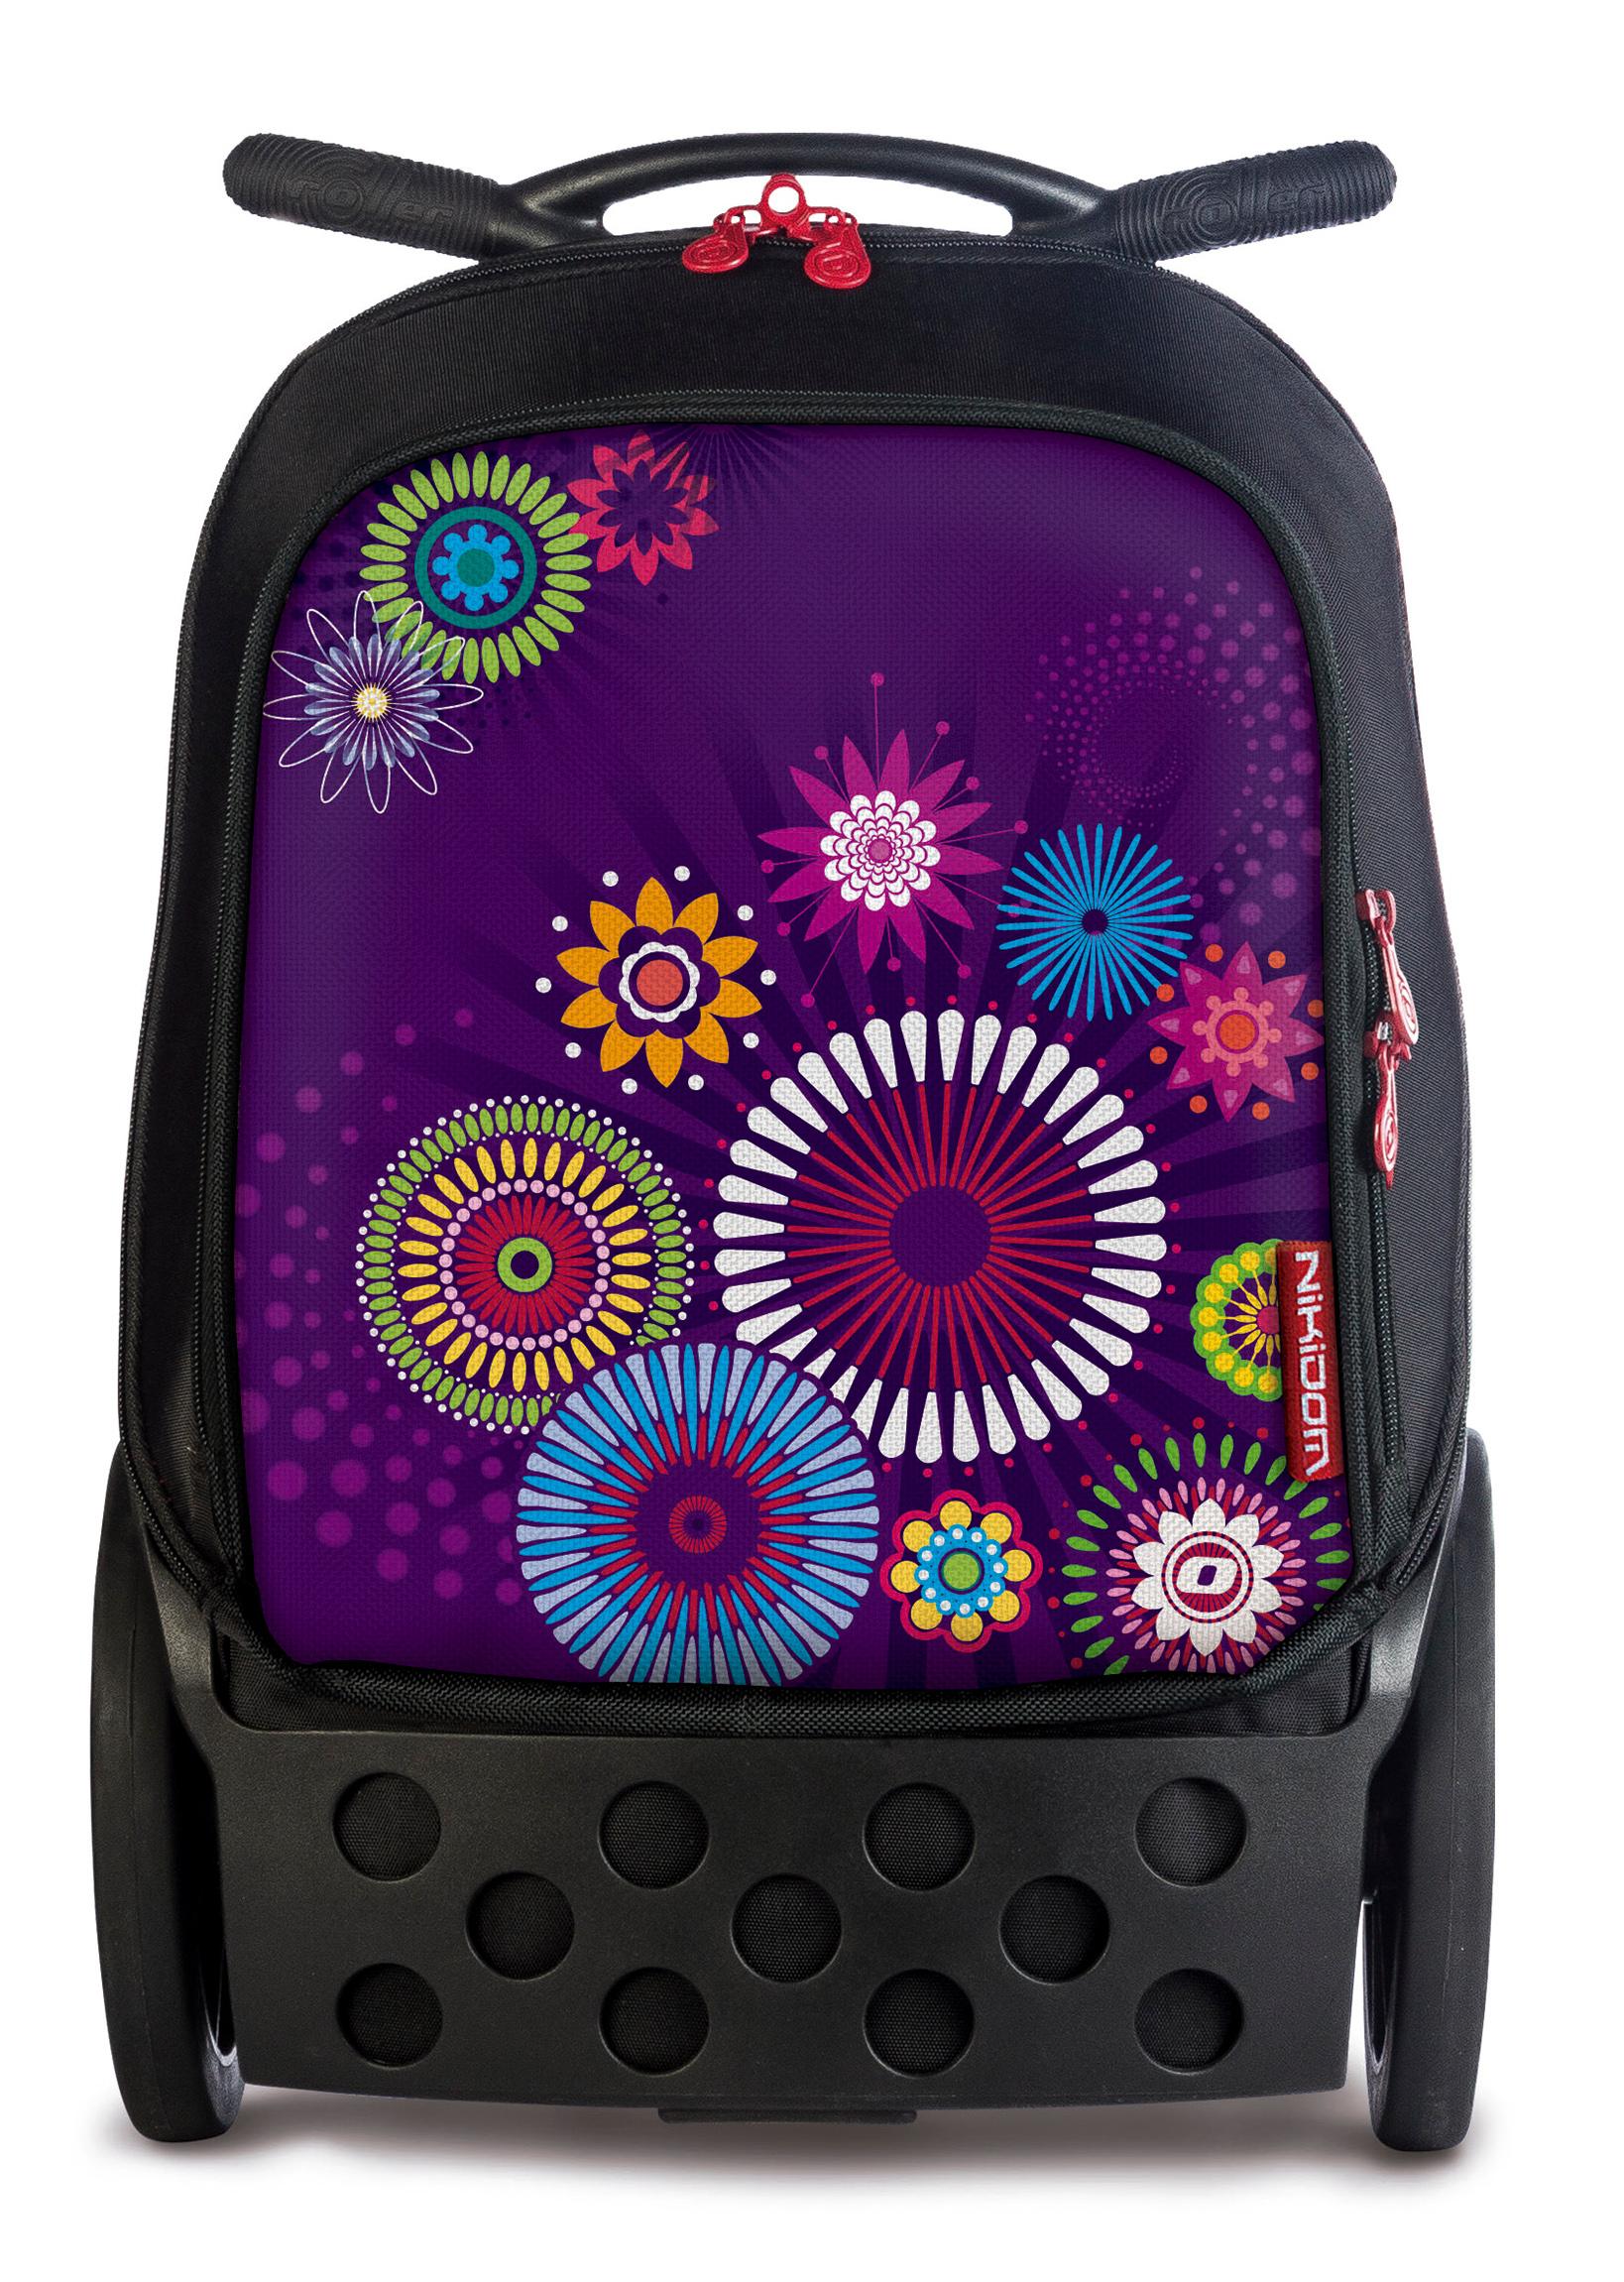 Рюкзак на колесах Nikidom Испания Мандала арт. 9011 (19 литров), - фото 1